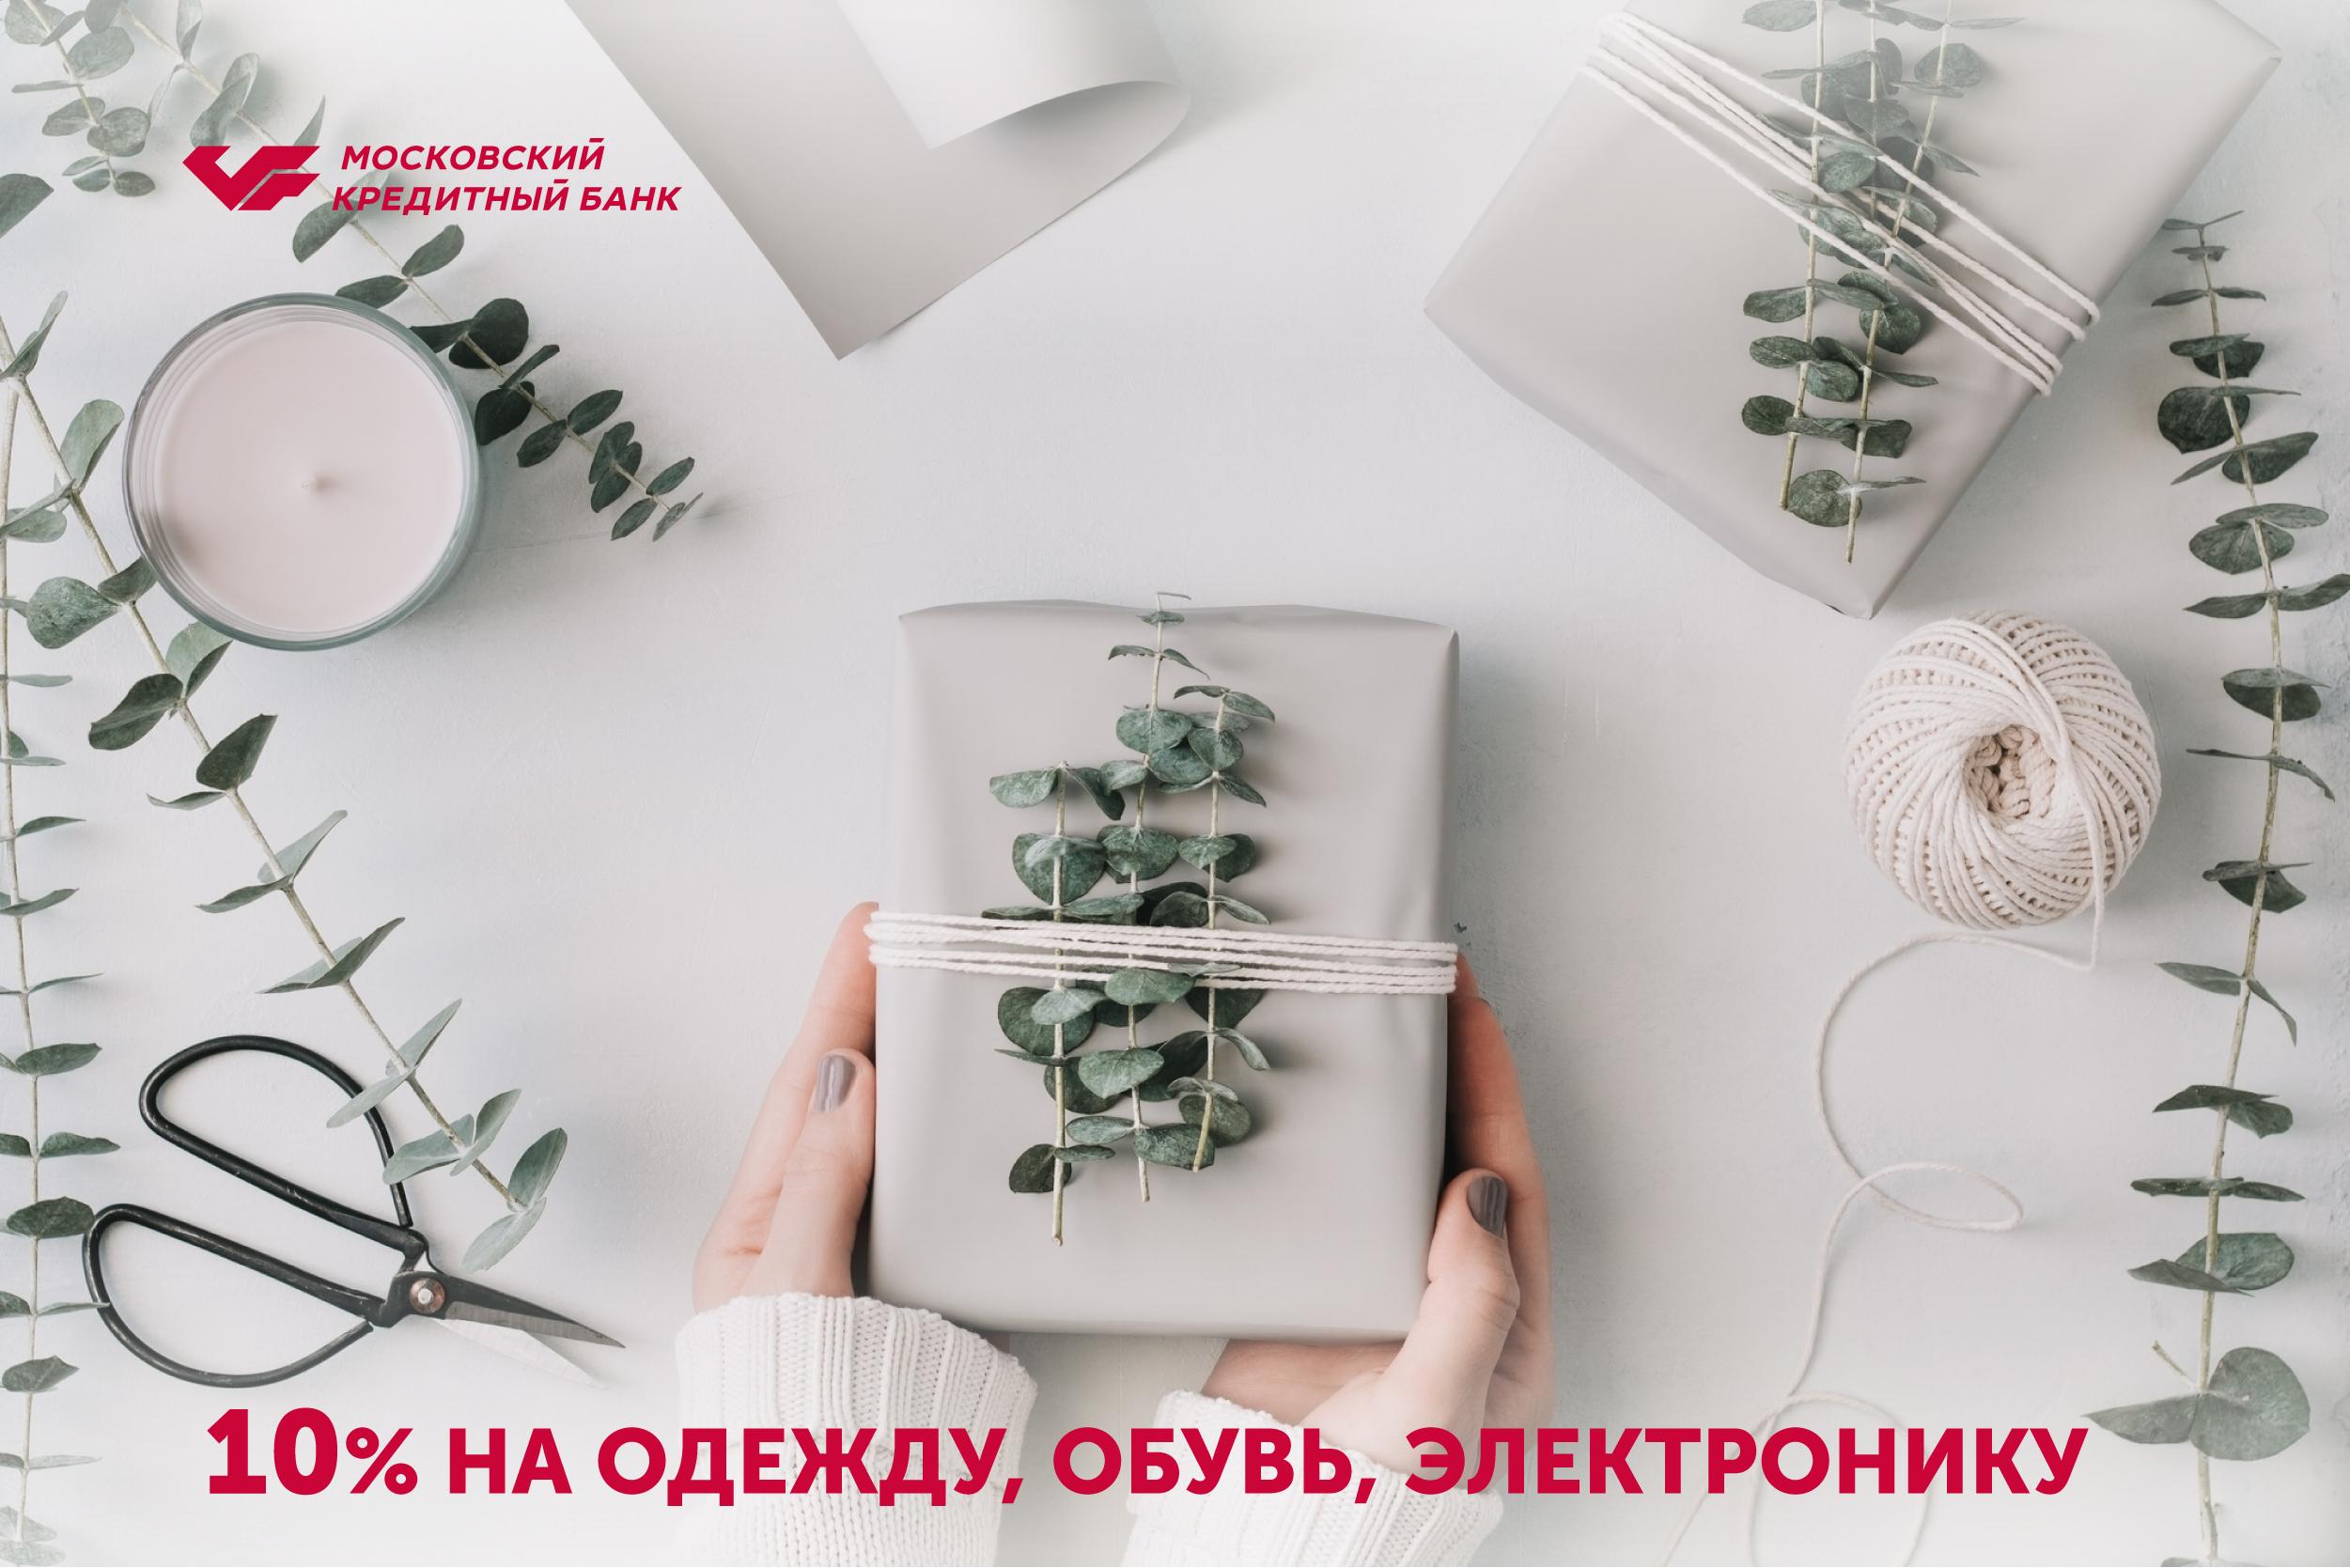 Рефинансирование. Размещение вкладов Московского Кредитного Банка в Электростале для физических лиц.